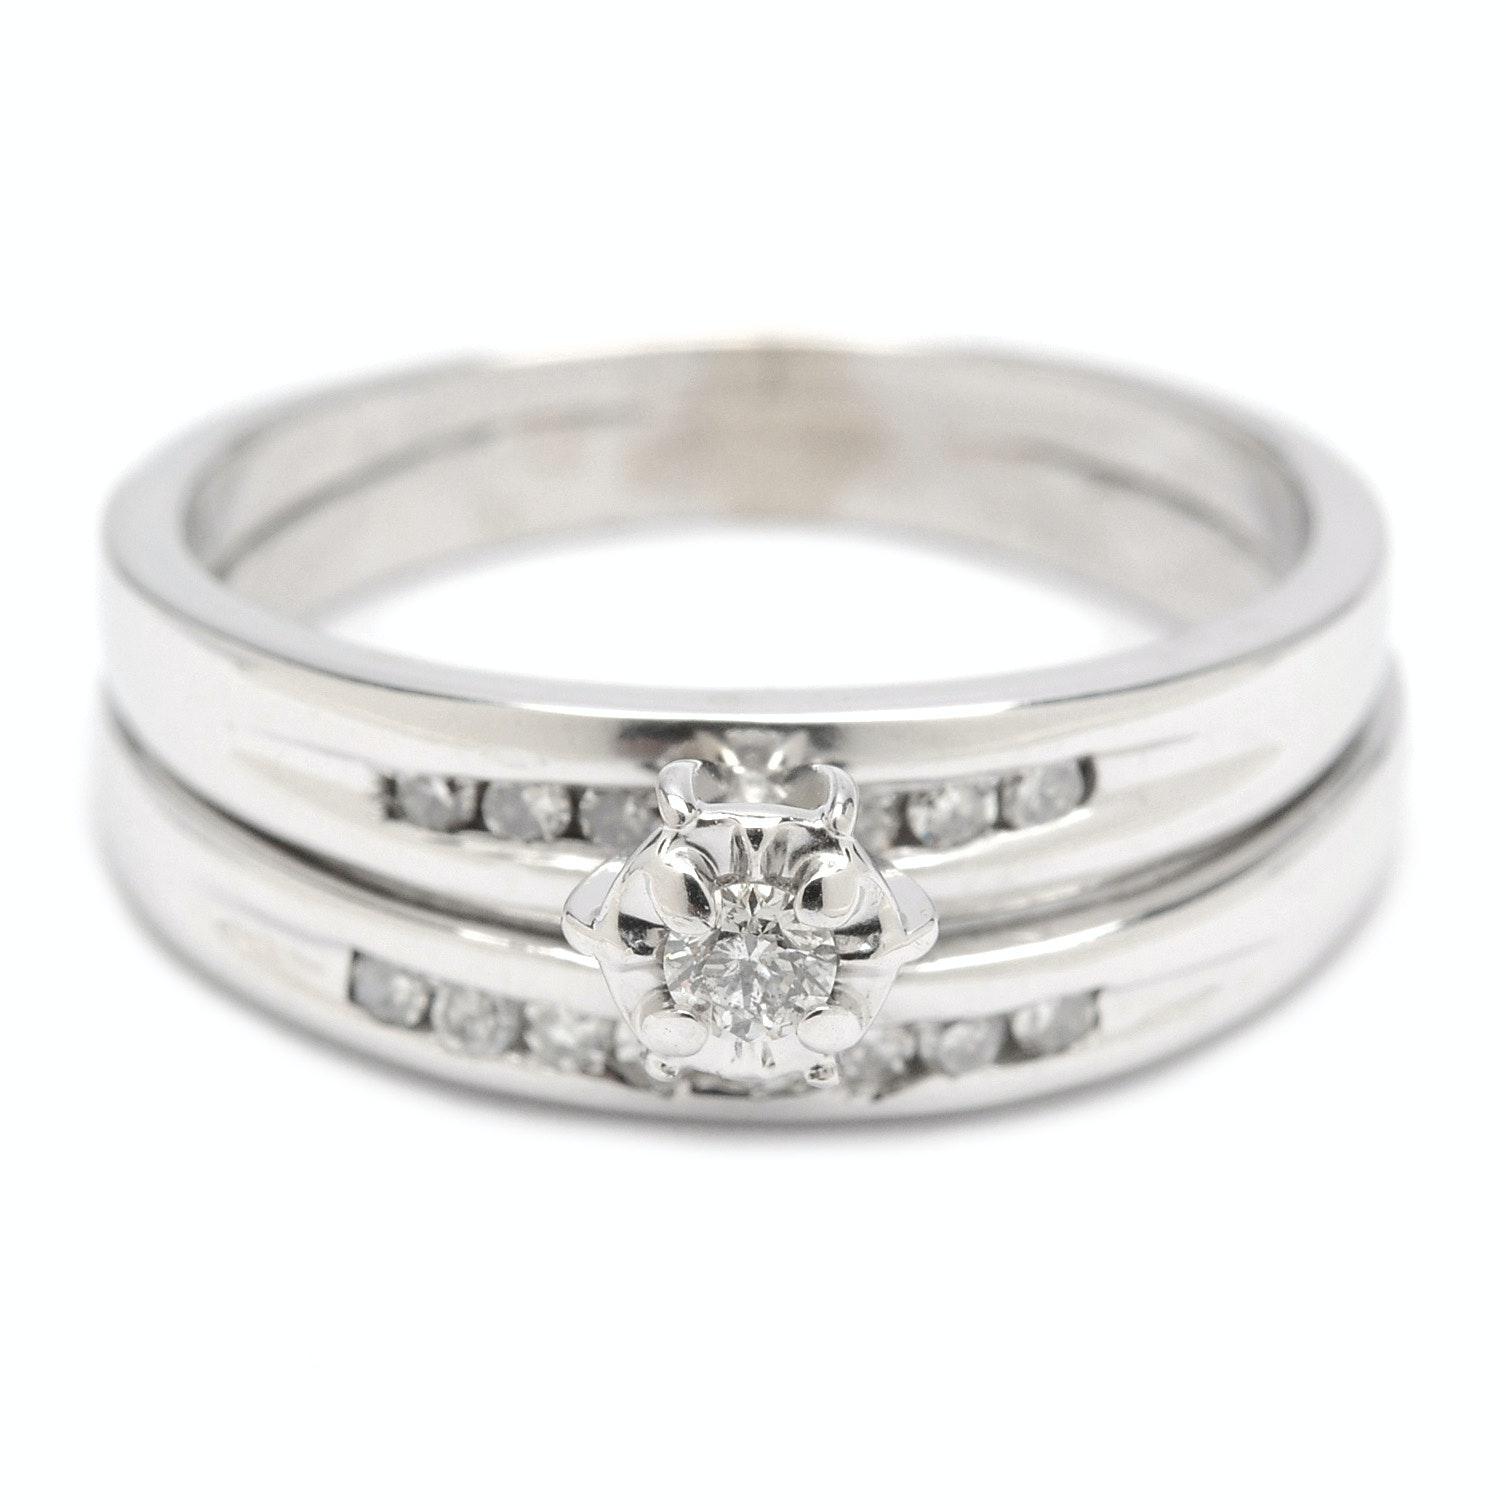 10K White Gold Soldered Diamond Bridal Set